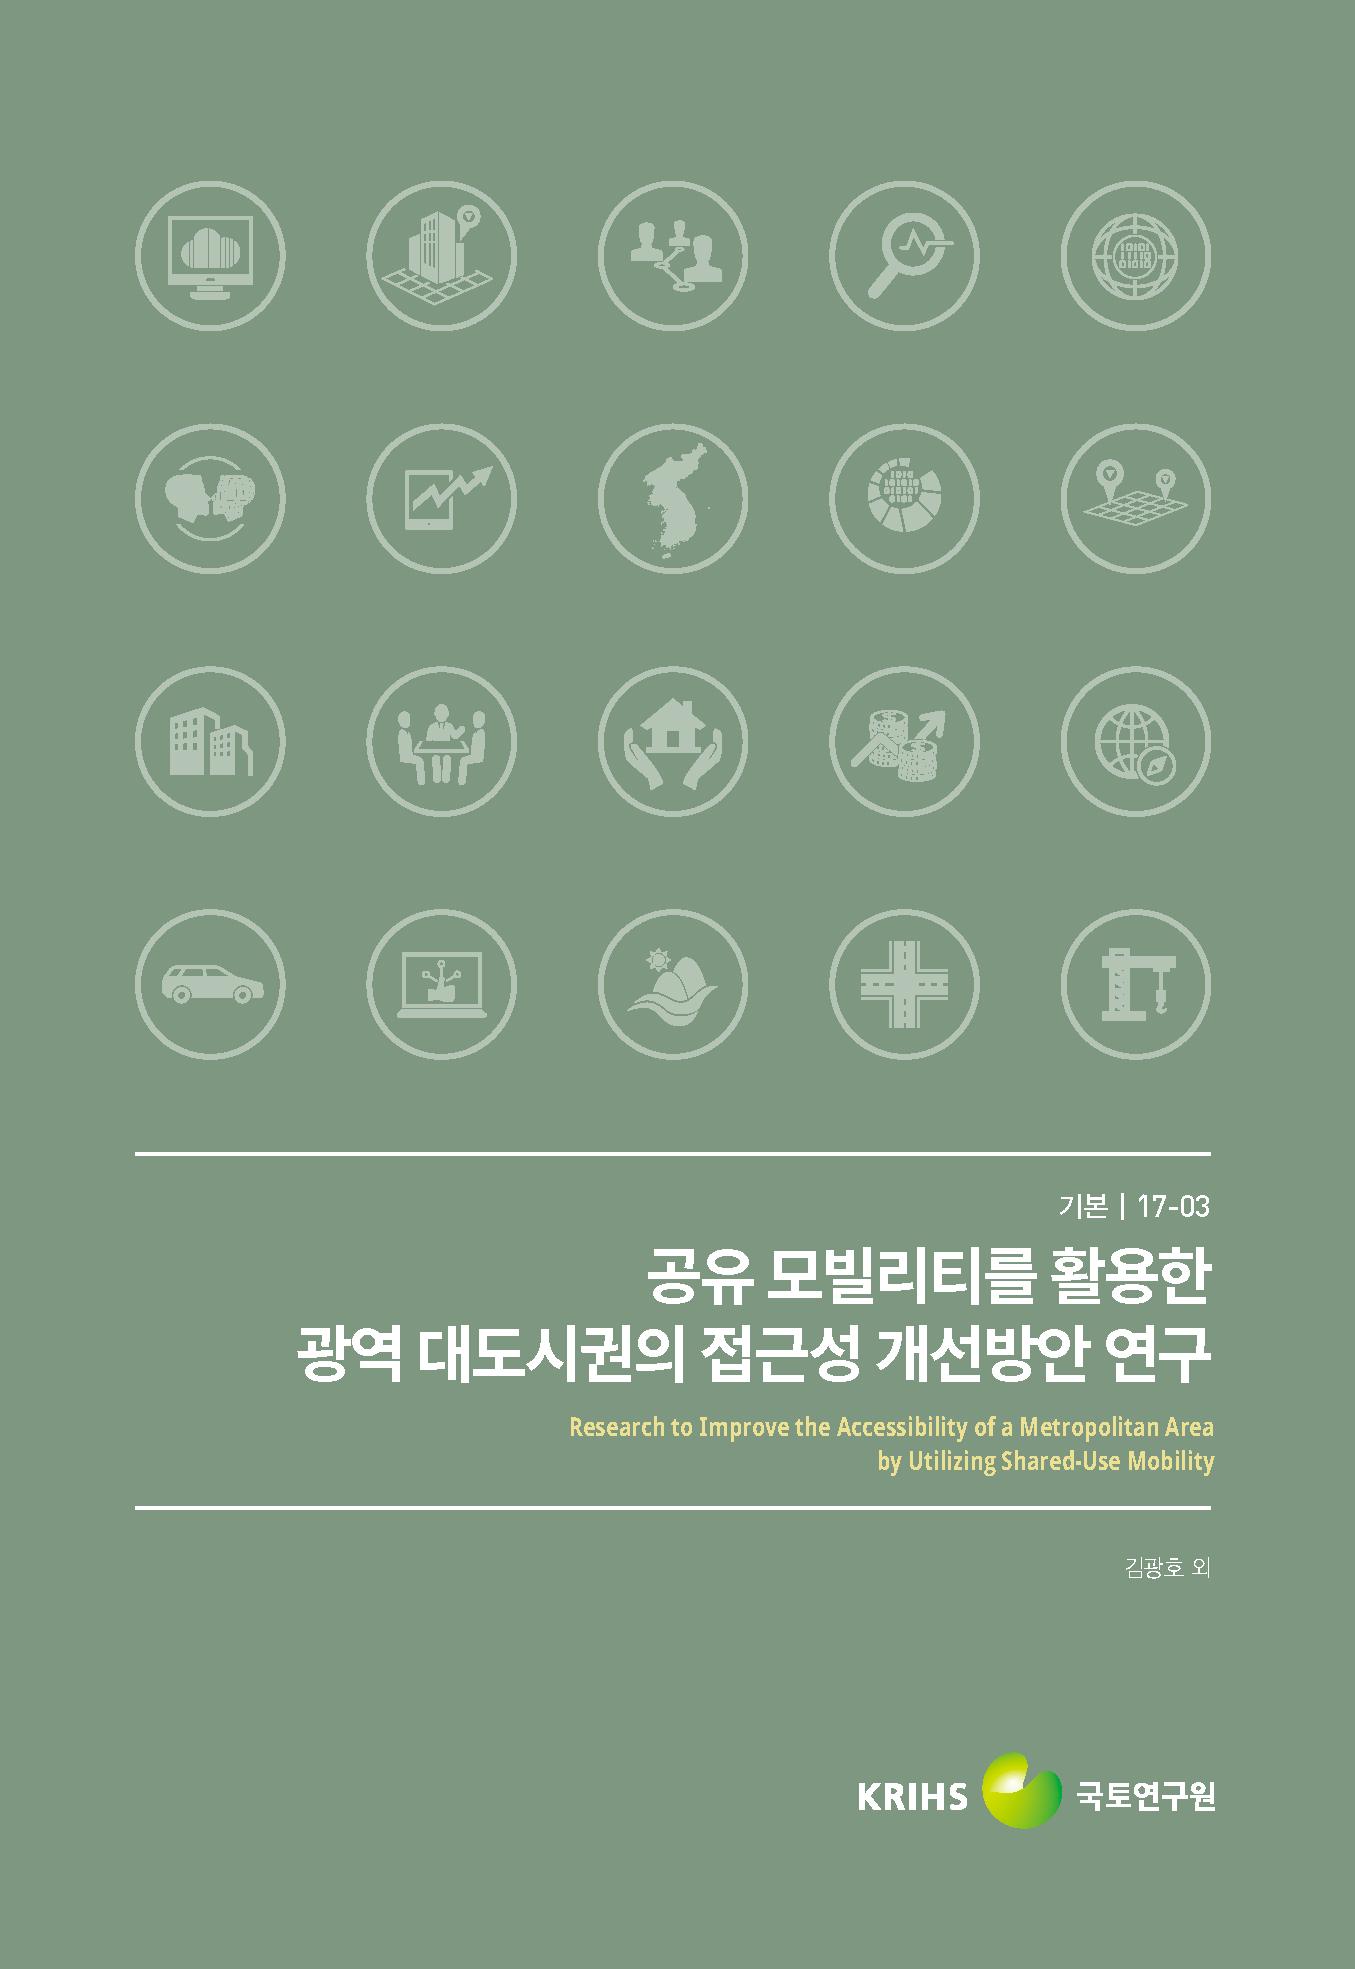 공유 모빌리티를 활용한 광역 대도시권의 접근성 개선방안 연구표지